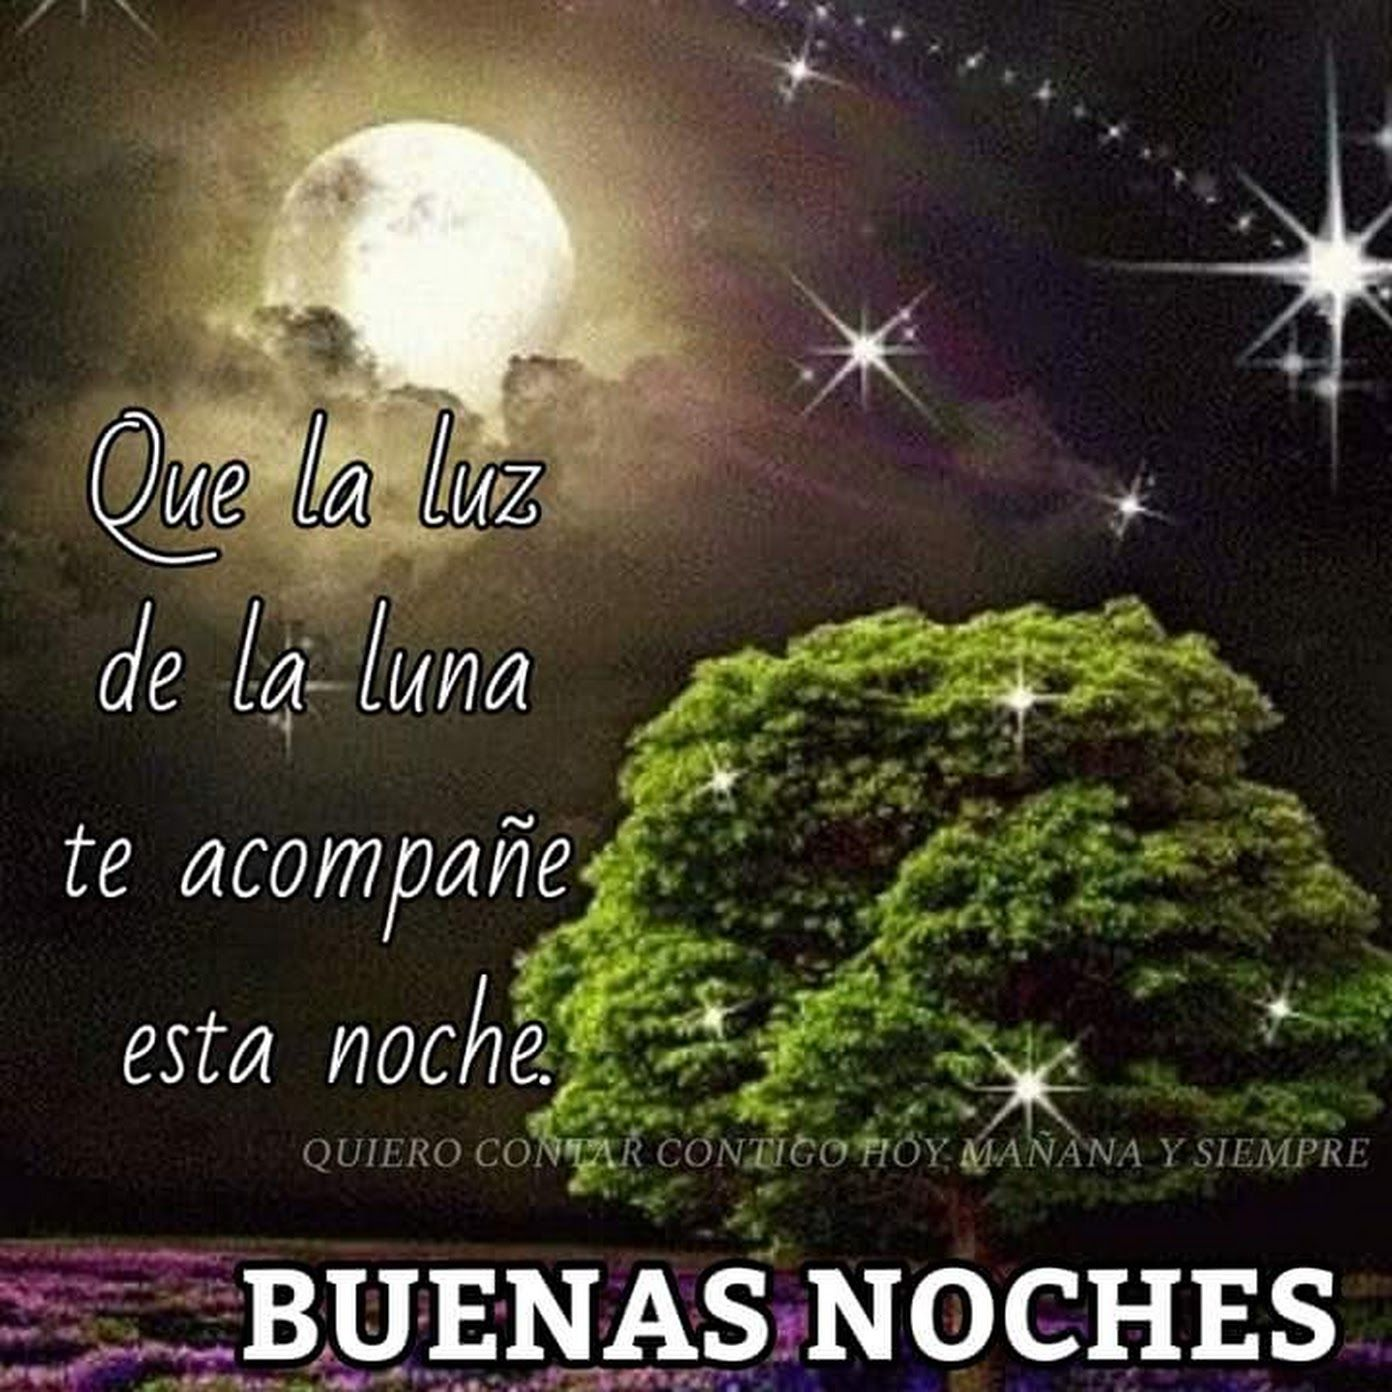 Sign In Fotos Buenas Noches Hermosas Imagenes De Buenas Noches Saludos De Buenas Noches